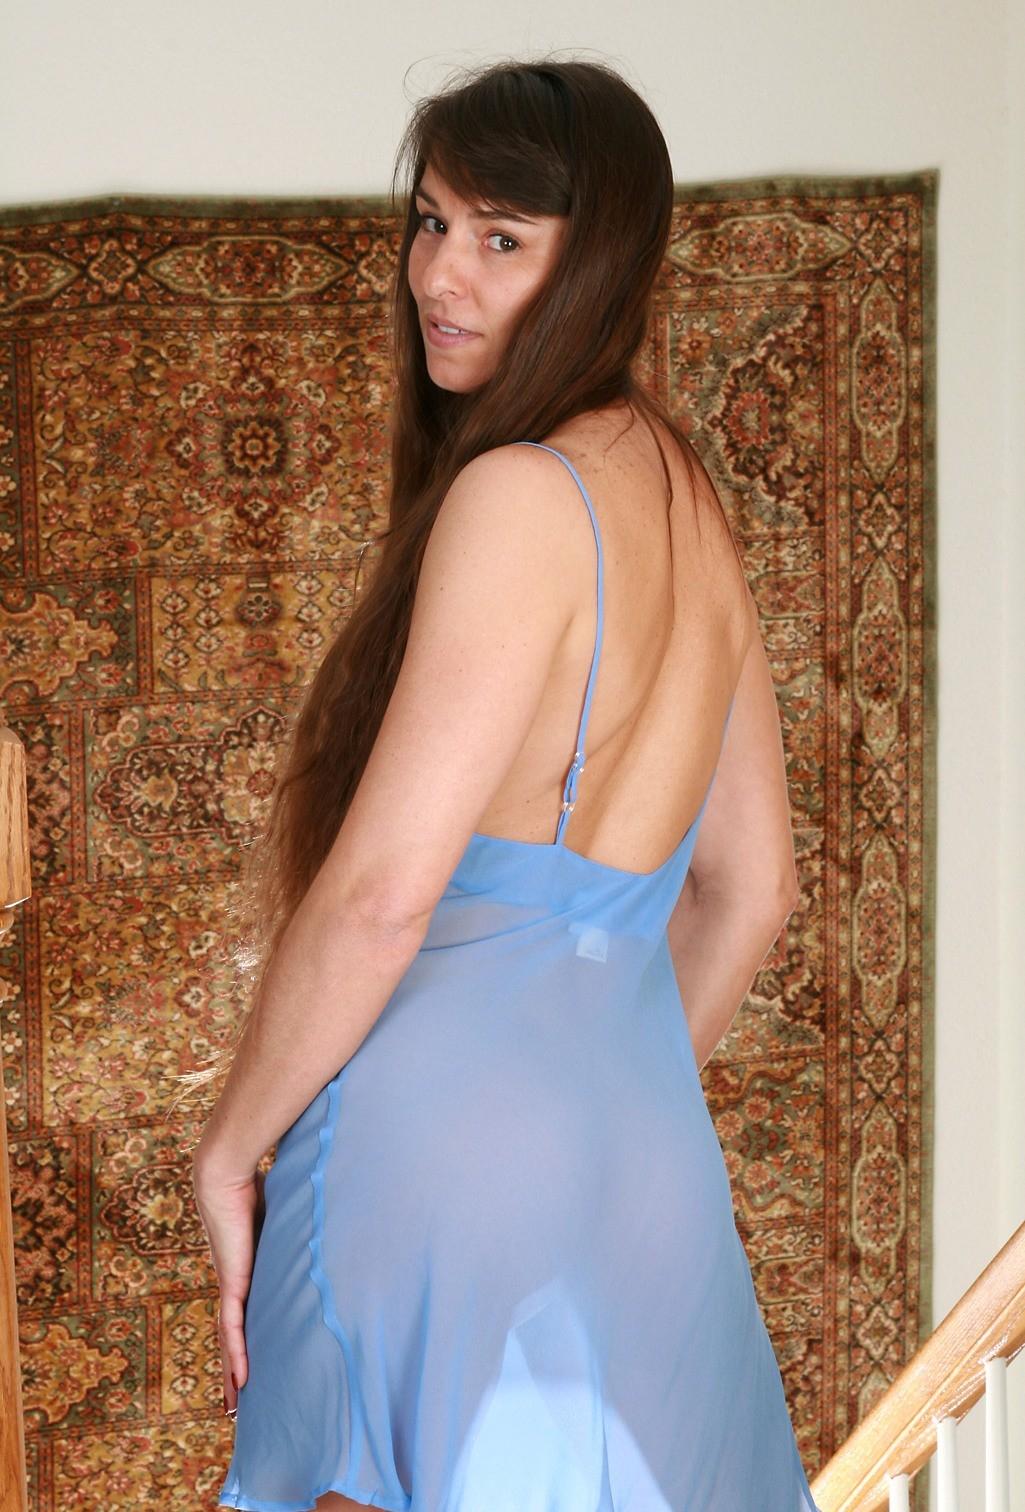 Мохнатые дыры худощавой брюнеточки в прозрачном светло-синем пеньюаре